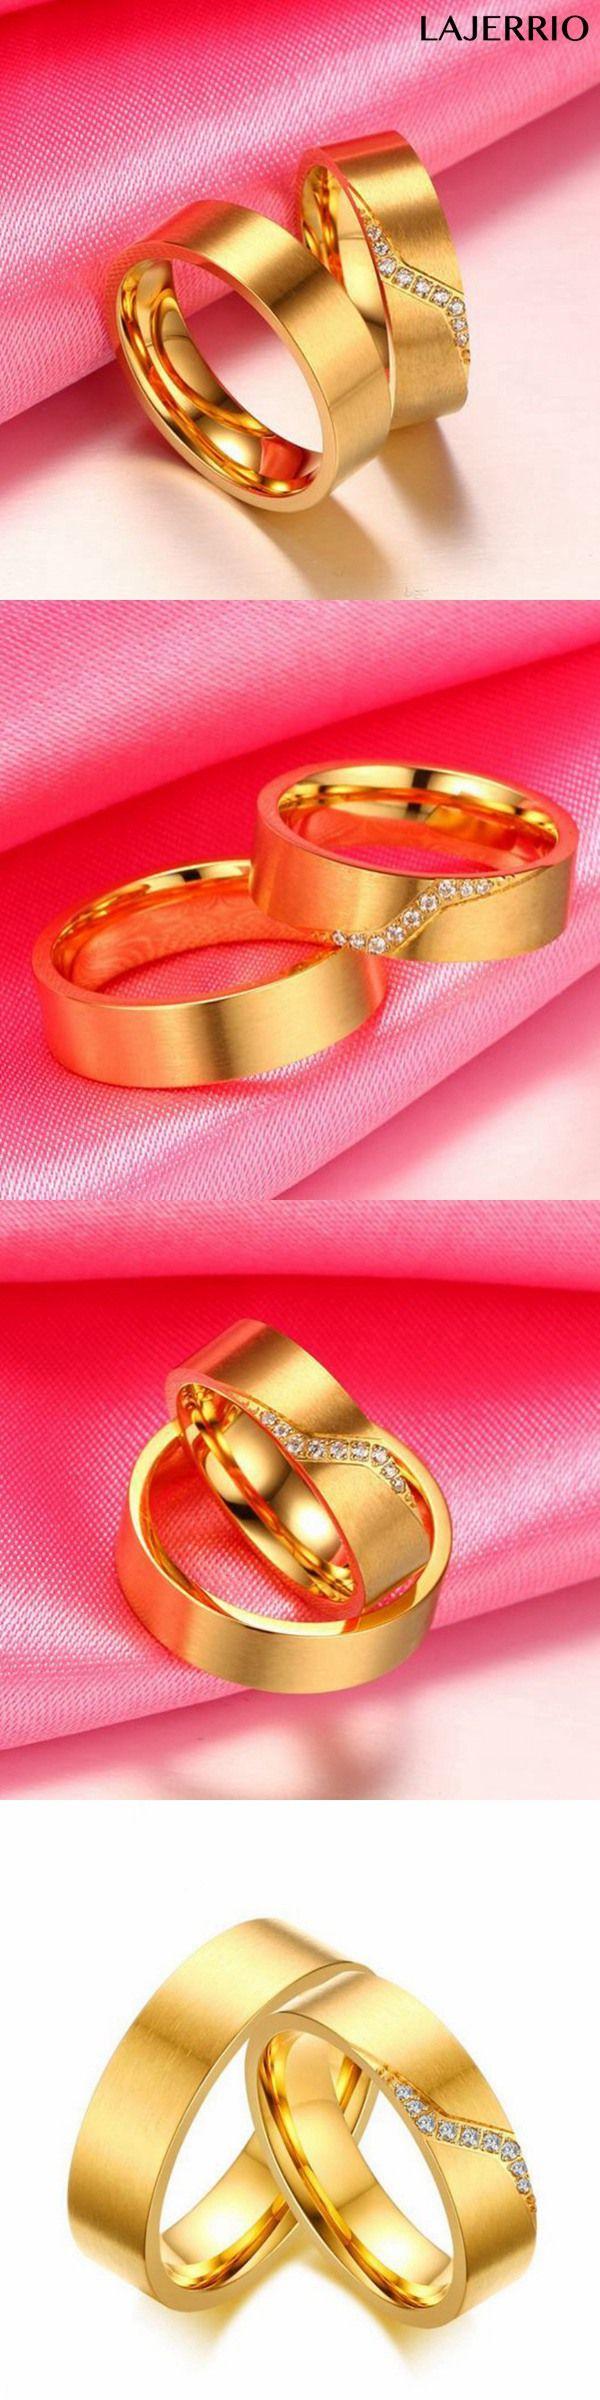 19 best Promise rings images on Pinterest | Commitment rings ...